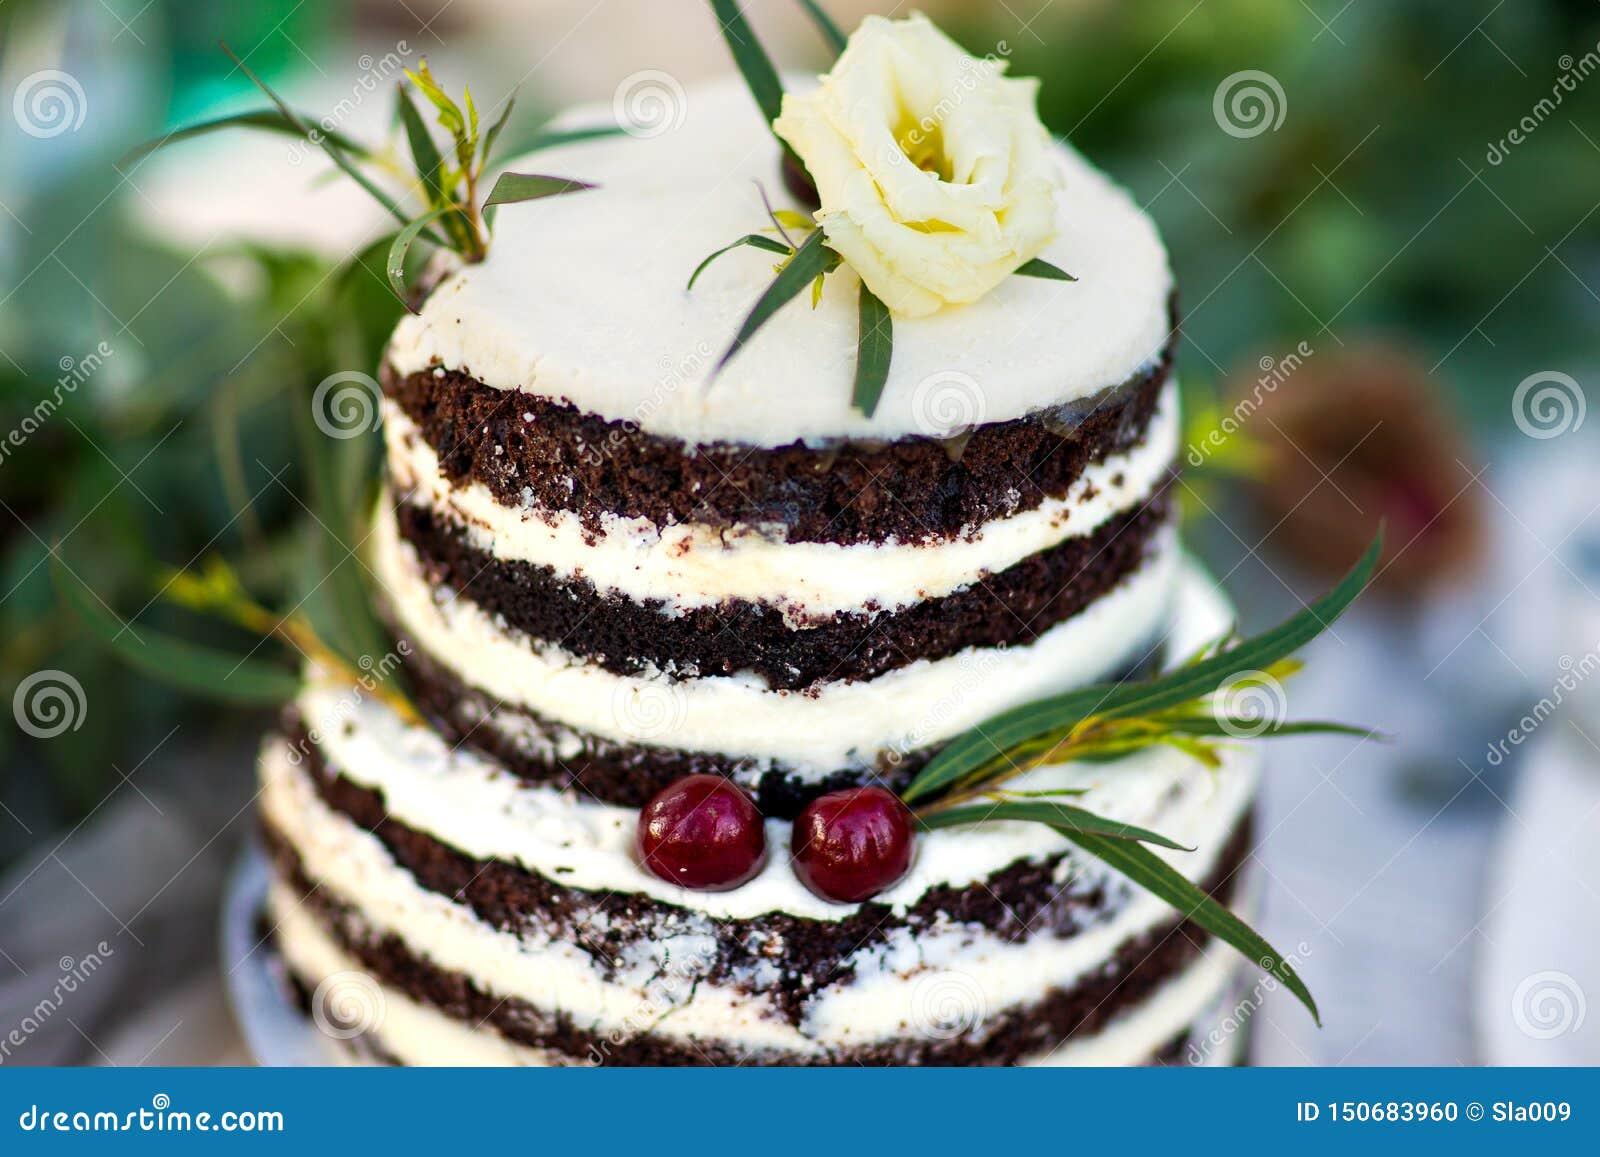 Bolo de casamento bonito decorado com flores e hortaliças e cereja dois amarelas Bolo para o aniversário ou os outros feriados